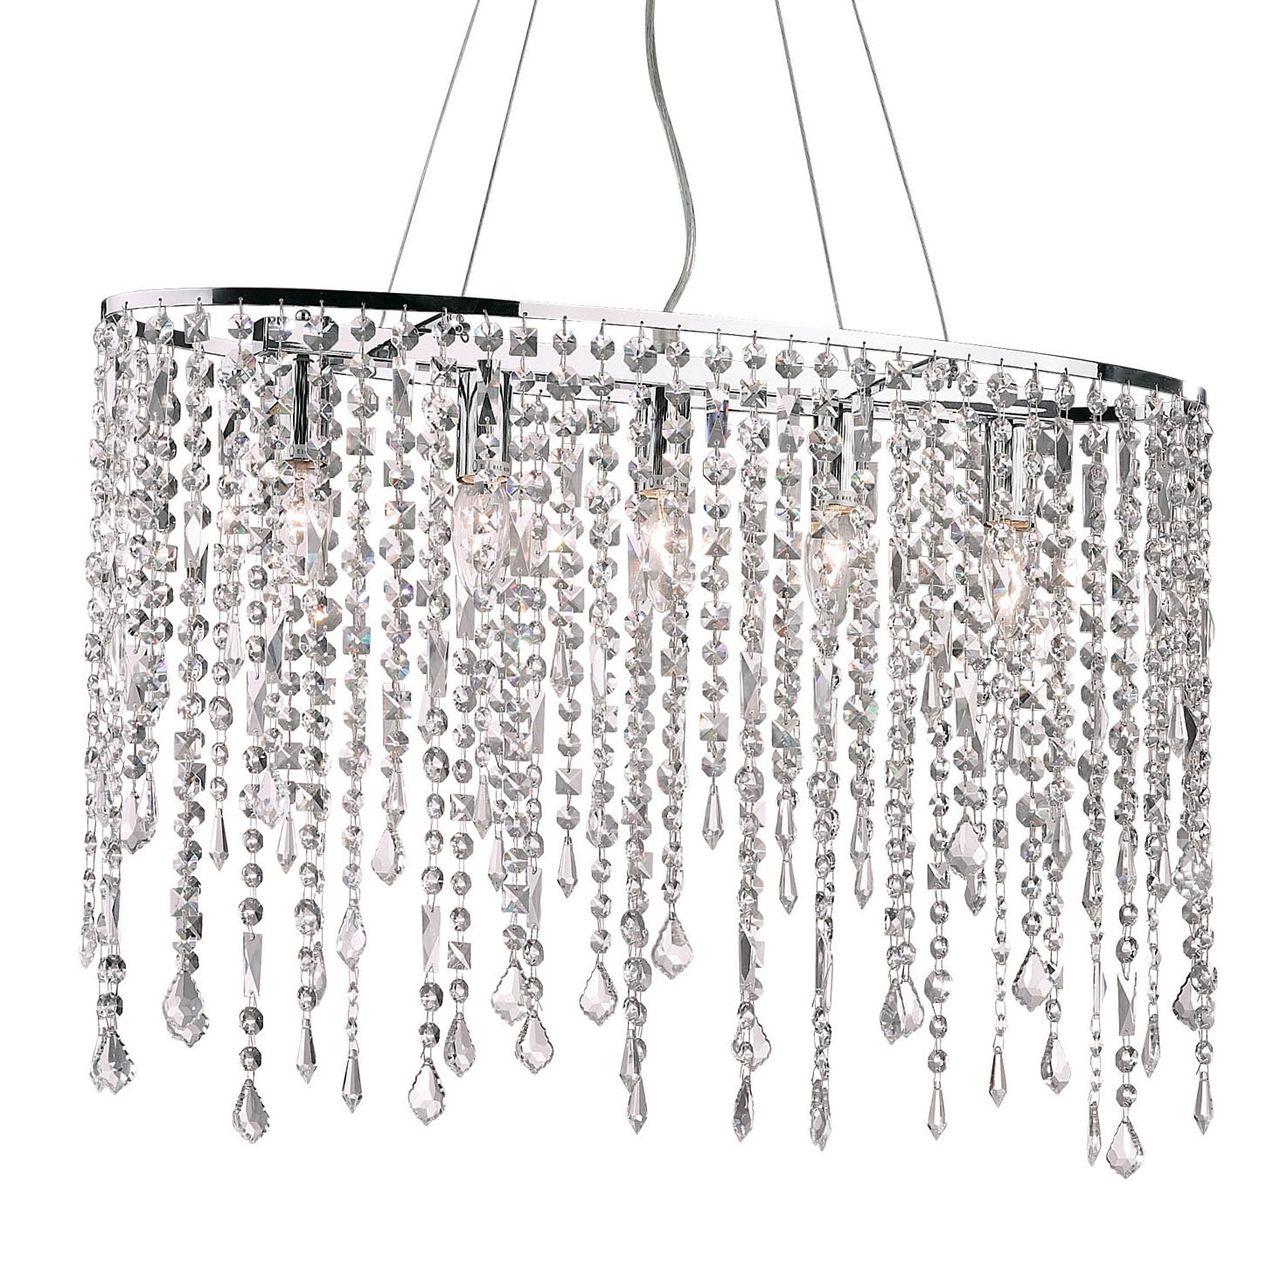 Купить Подвесной светильник Ideal Lux Rain , inmyroom, Италия